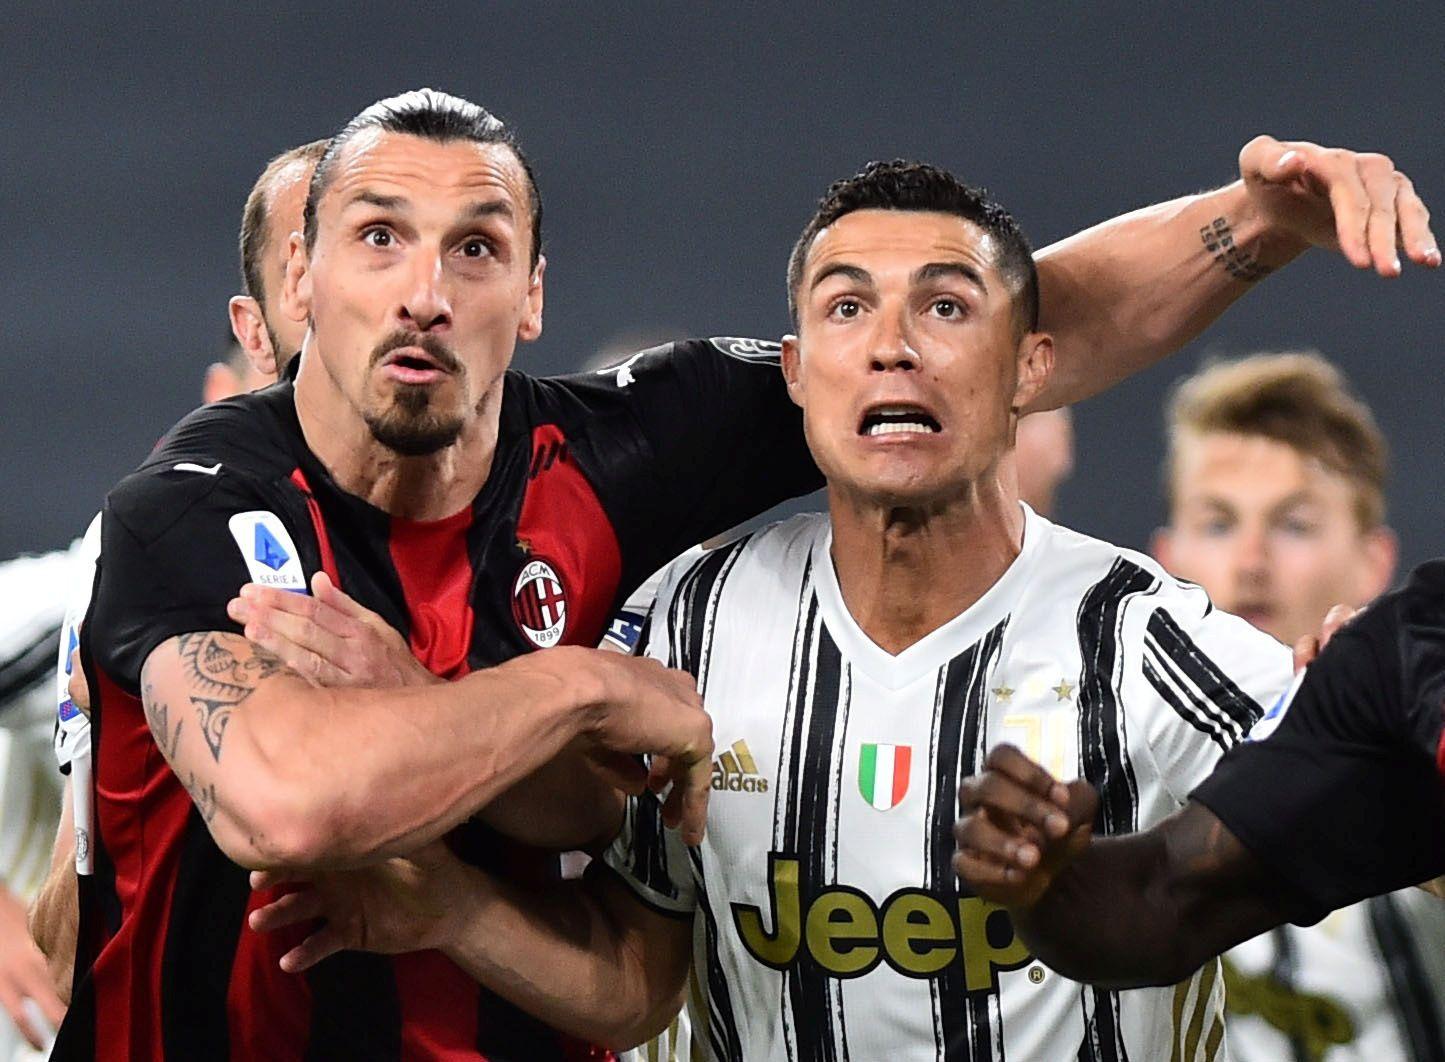 Ibrahimovic junto a Cristiano Ronaldo en un duelo entre su club y el ex equipo del portugués (REUTERS/Massimo Pinca/File Photo)